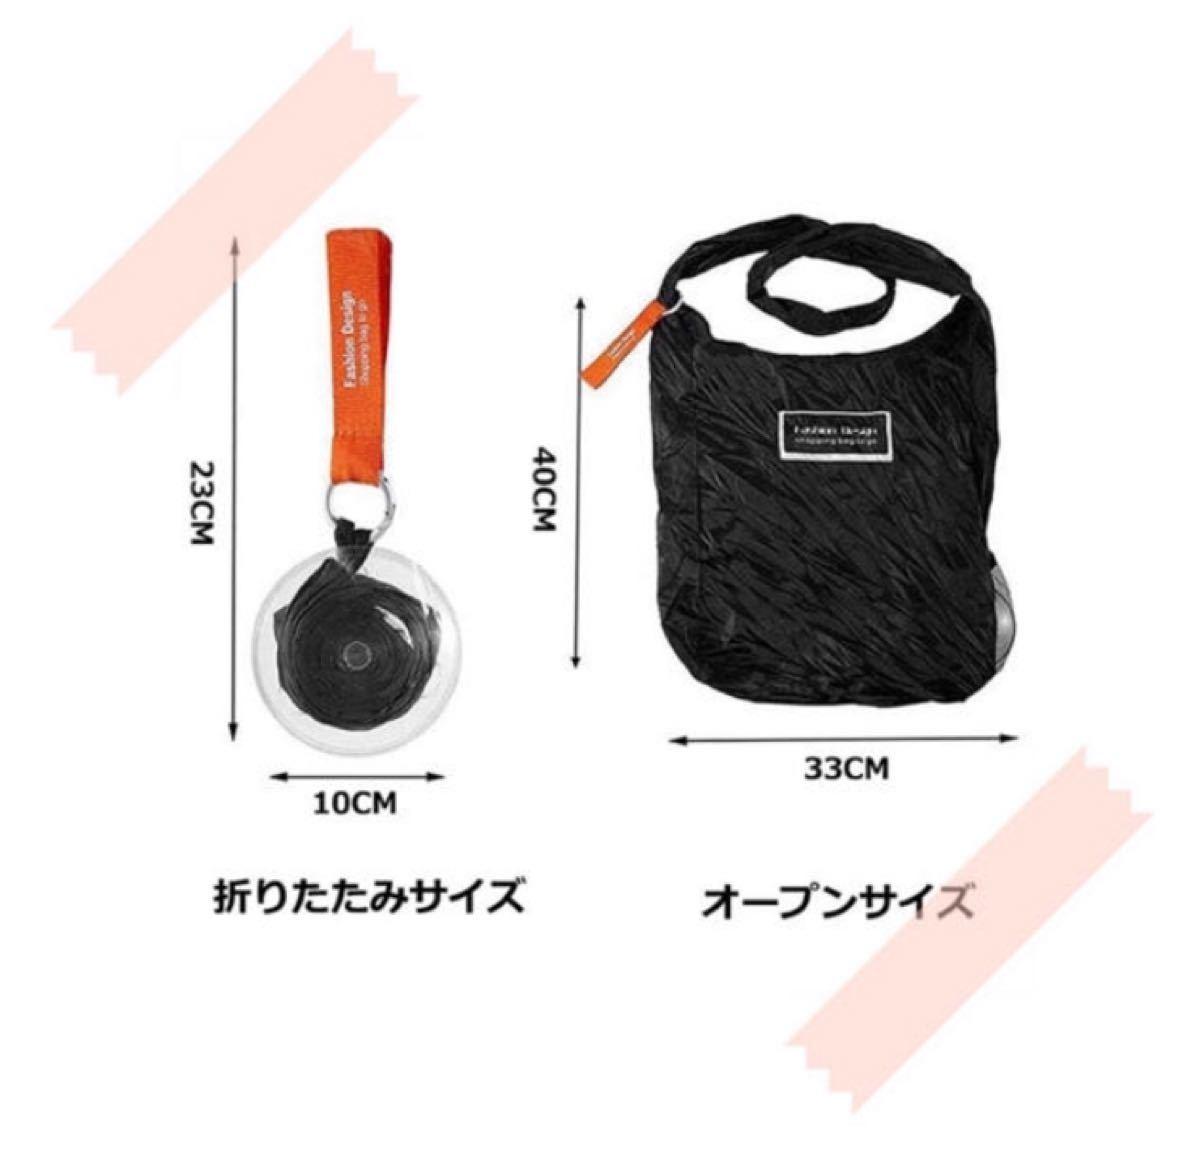 エコバッグ 折りたたみバッグに収納 ショッピングバッグ マイバッグ 3個セット